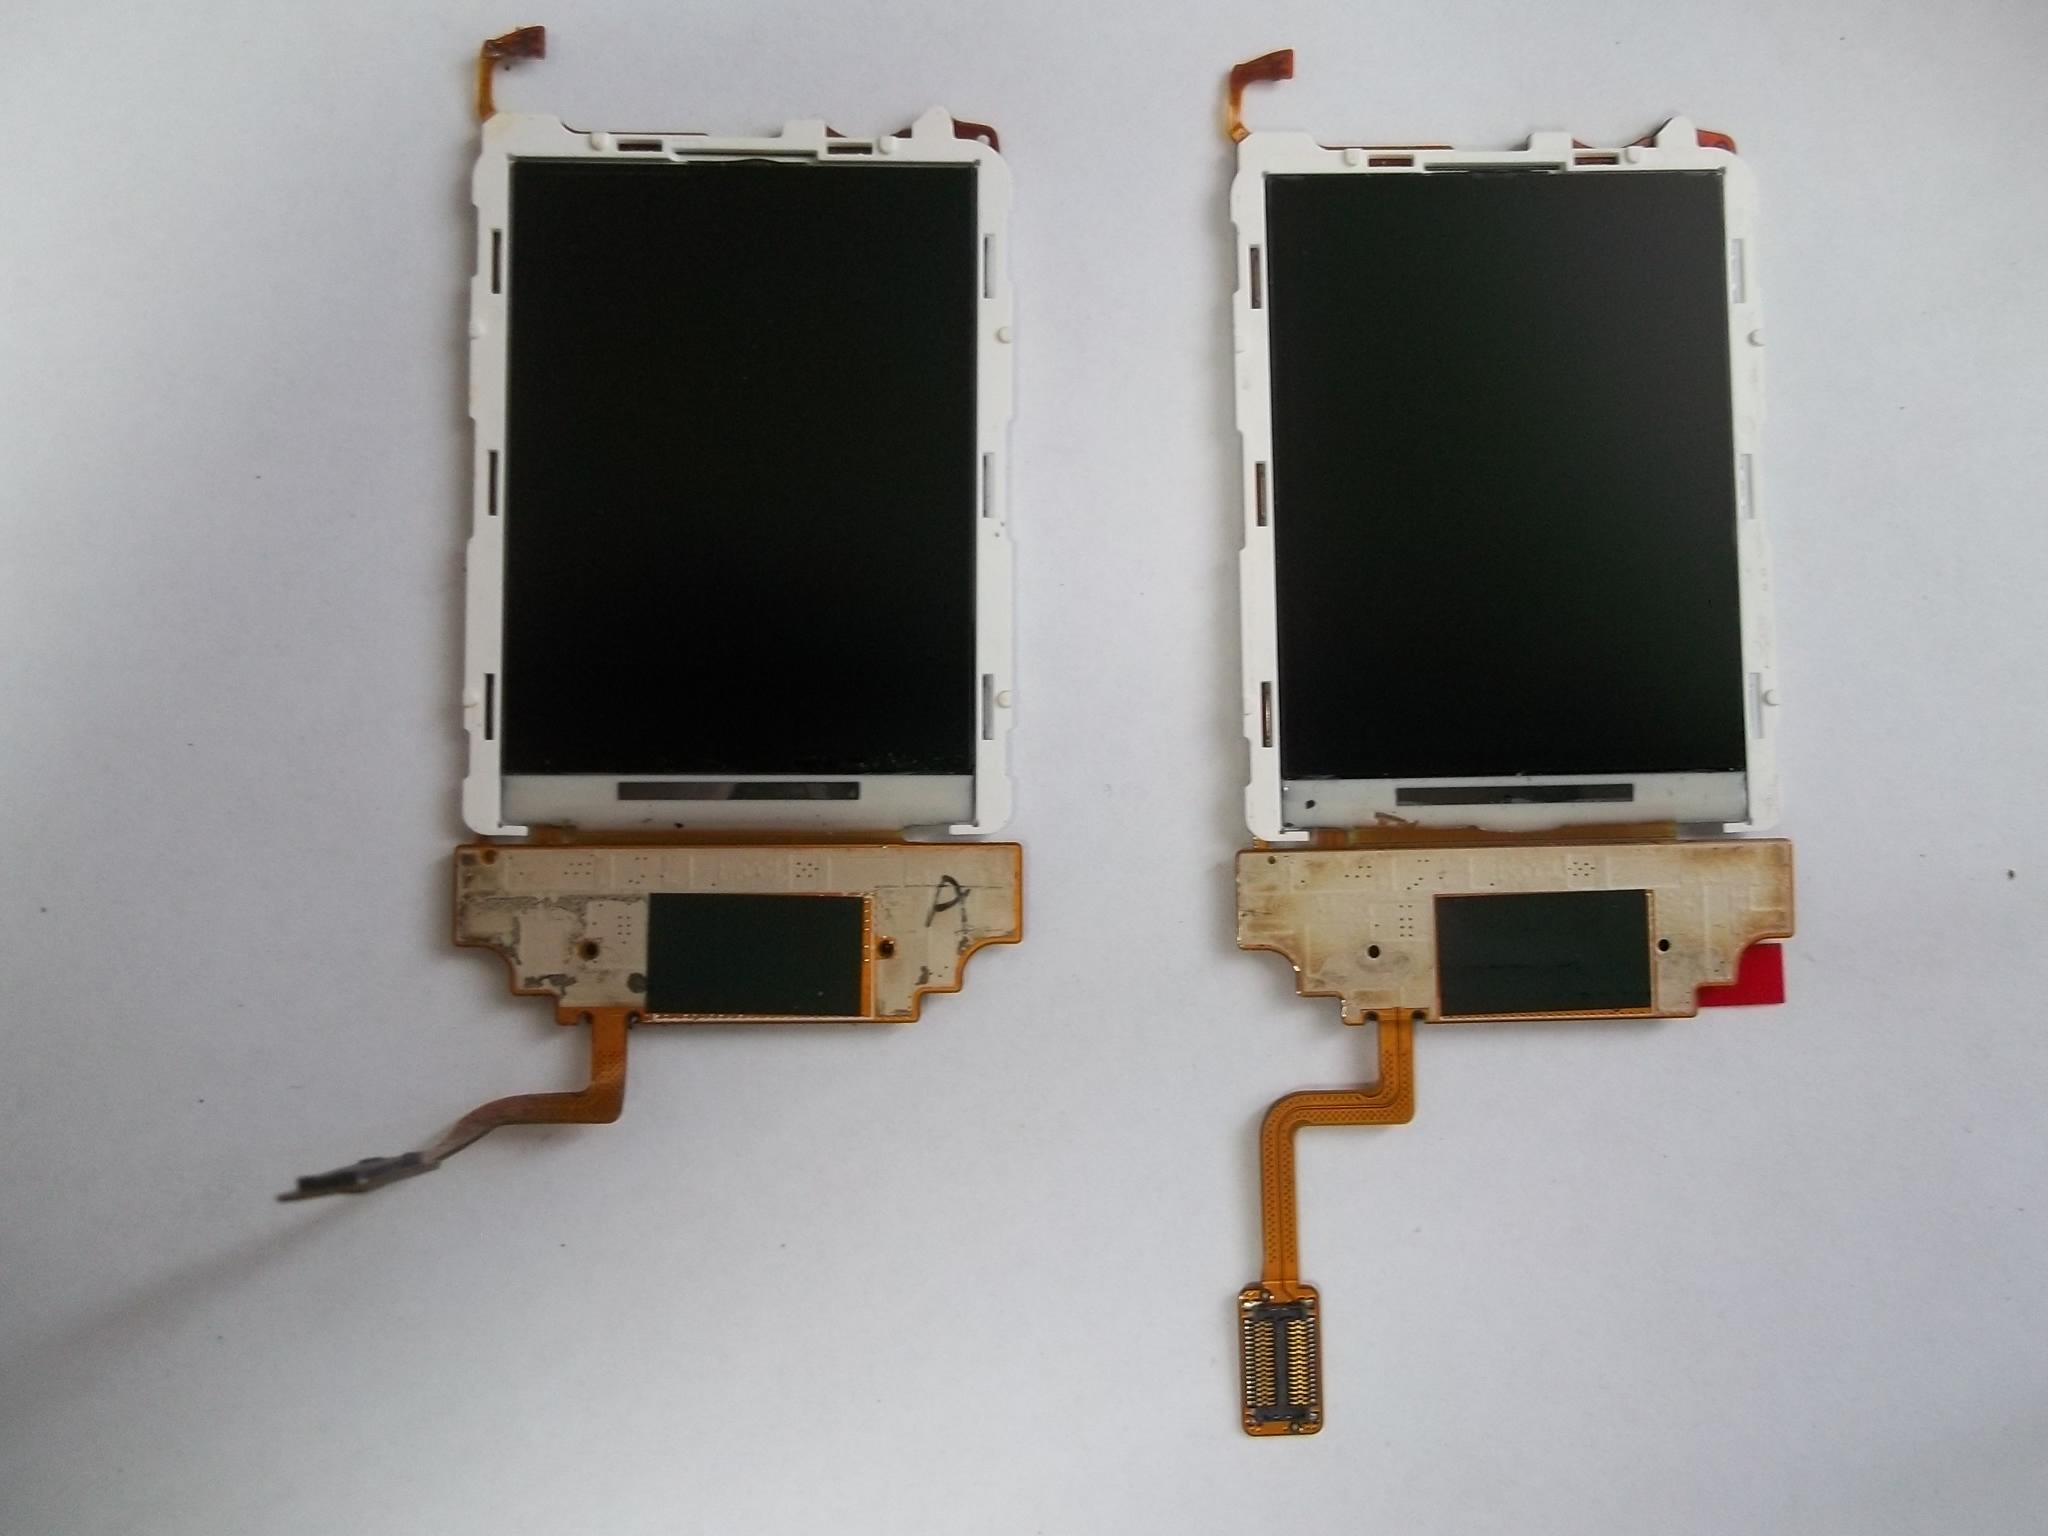 Замена дисплея сотового телефона Samsung SGH-D830